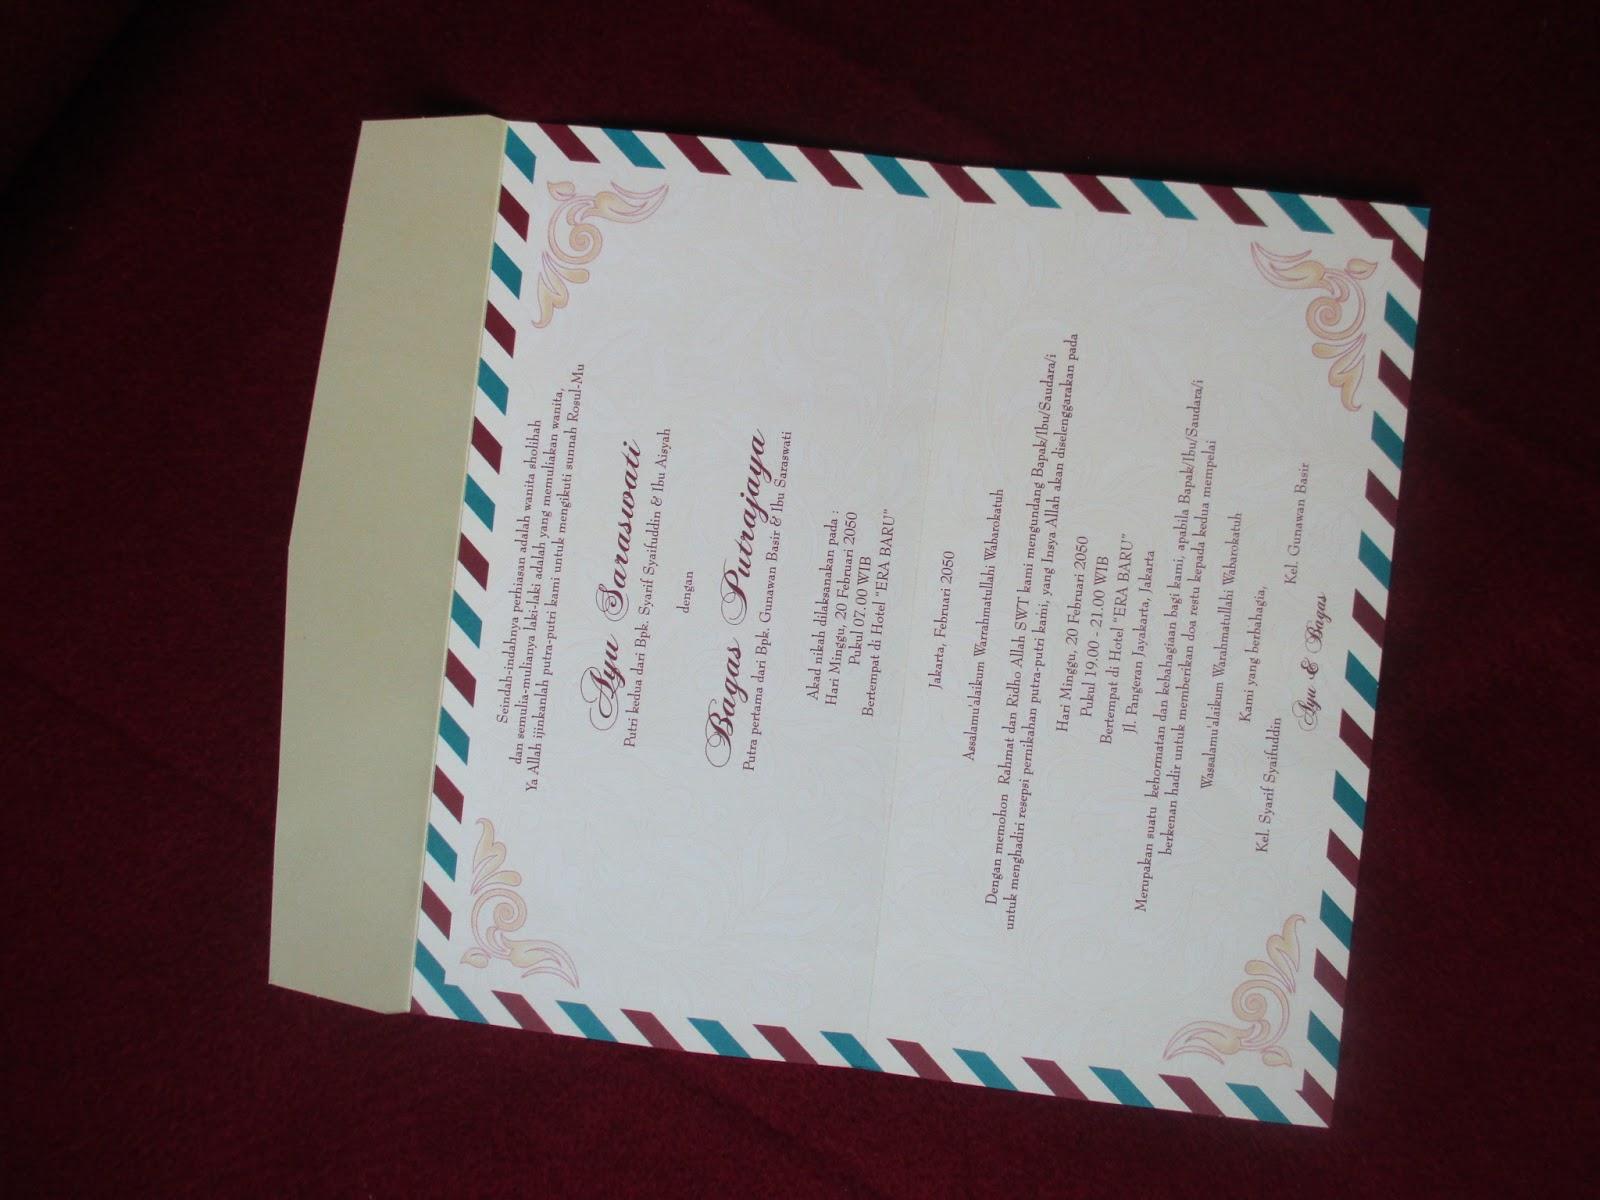 Undangan Pernikahan Erba 88172 | Tabloid Laptop